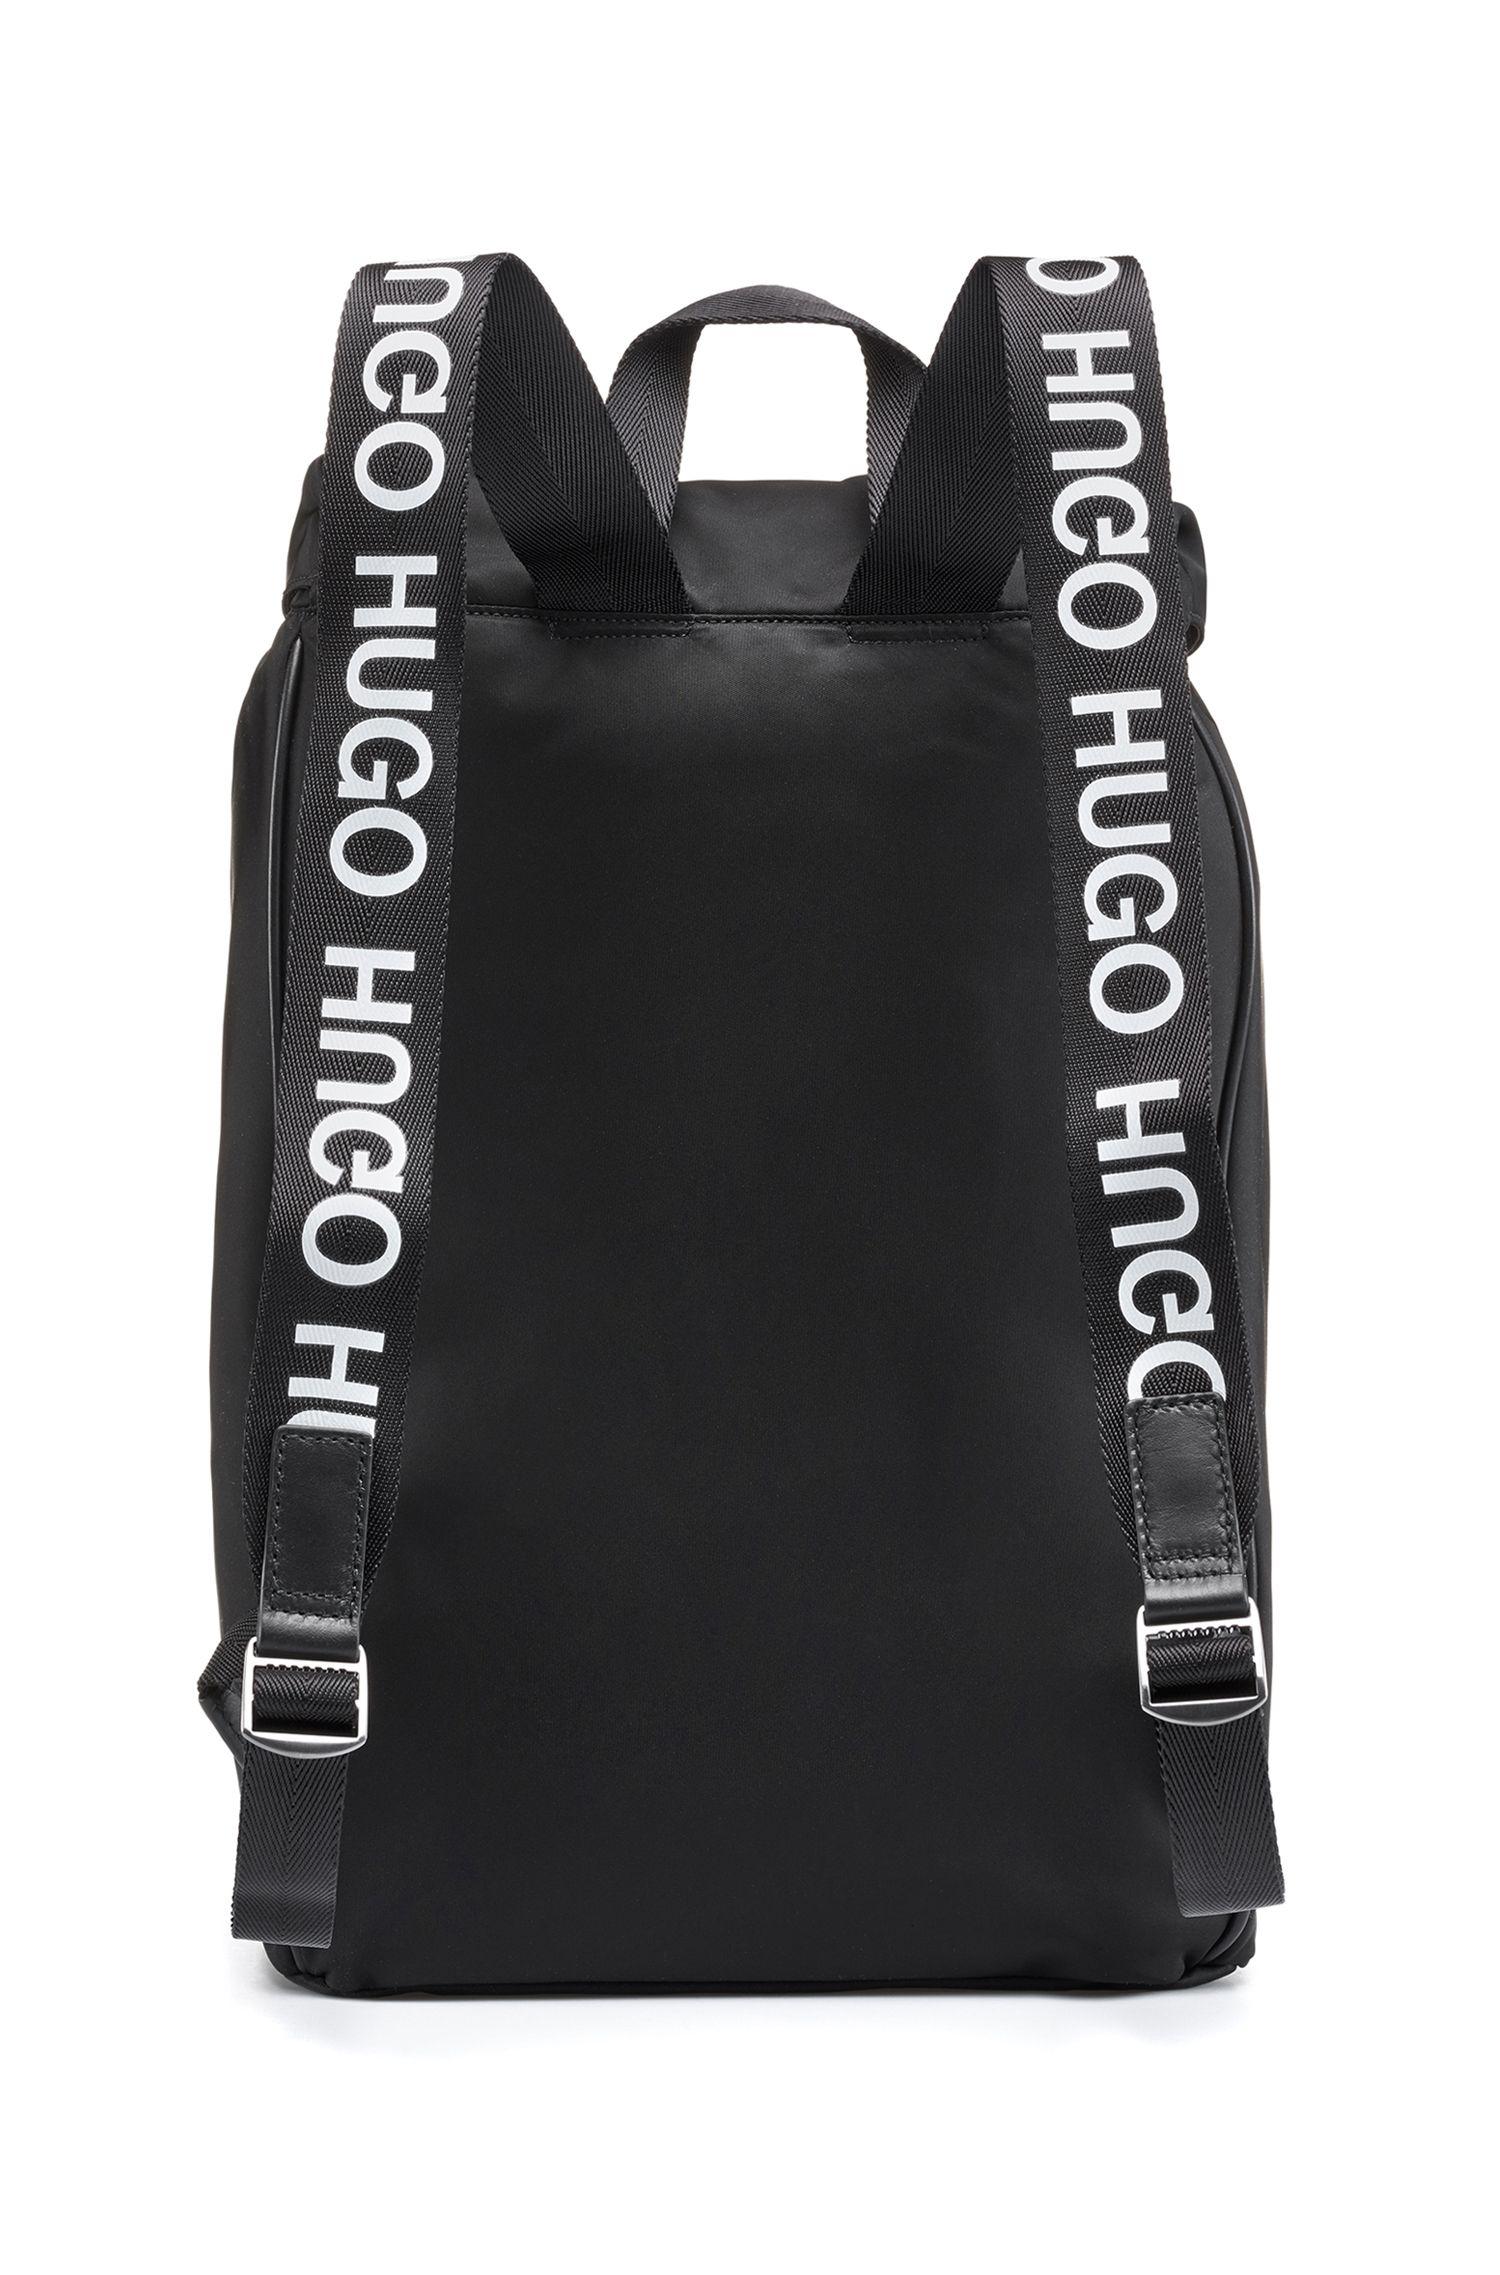 Nylon Rucksack | Tribute Backpack